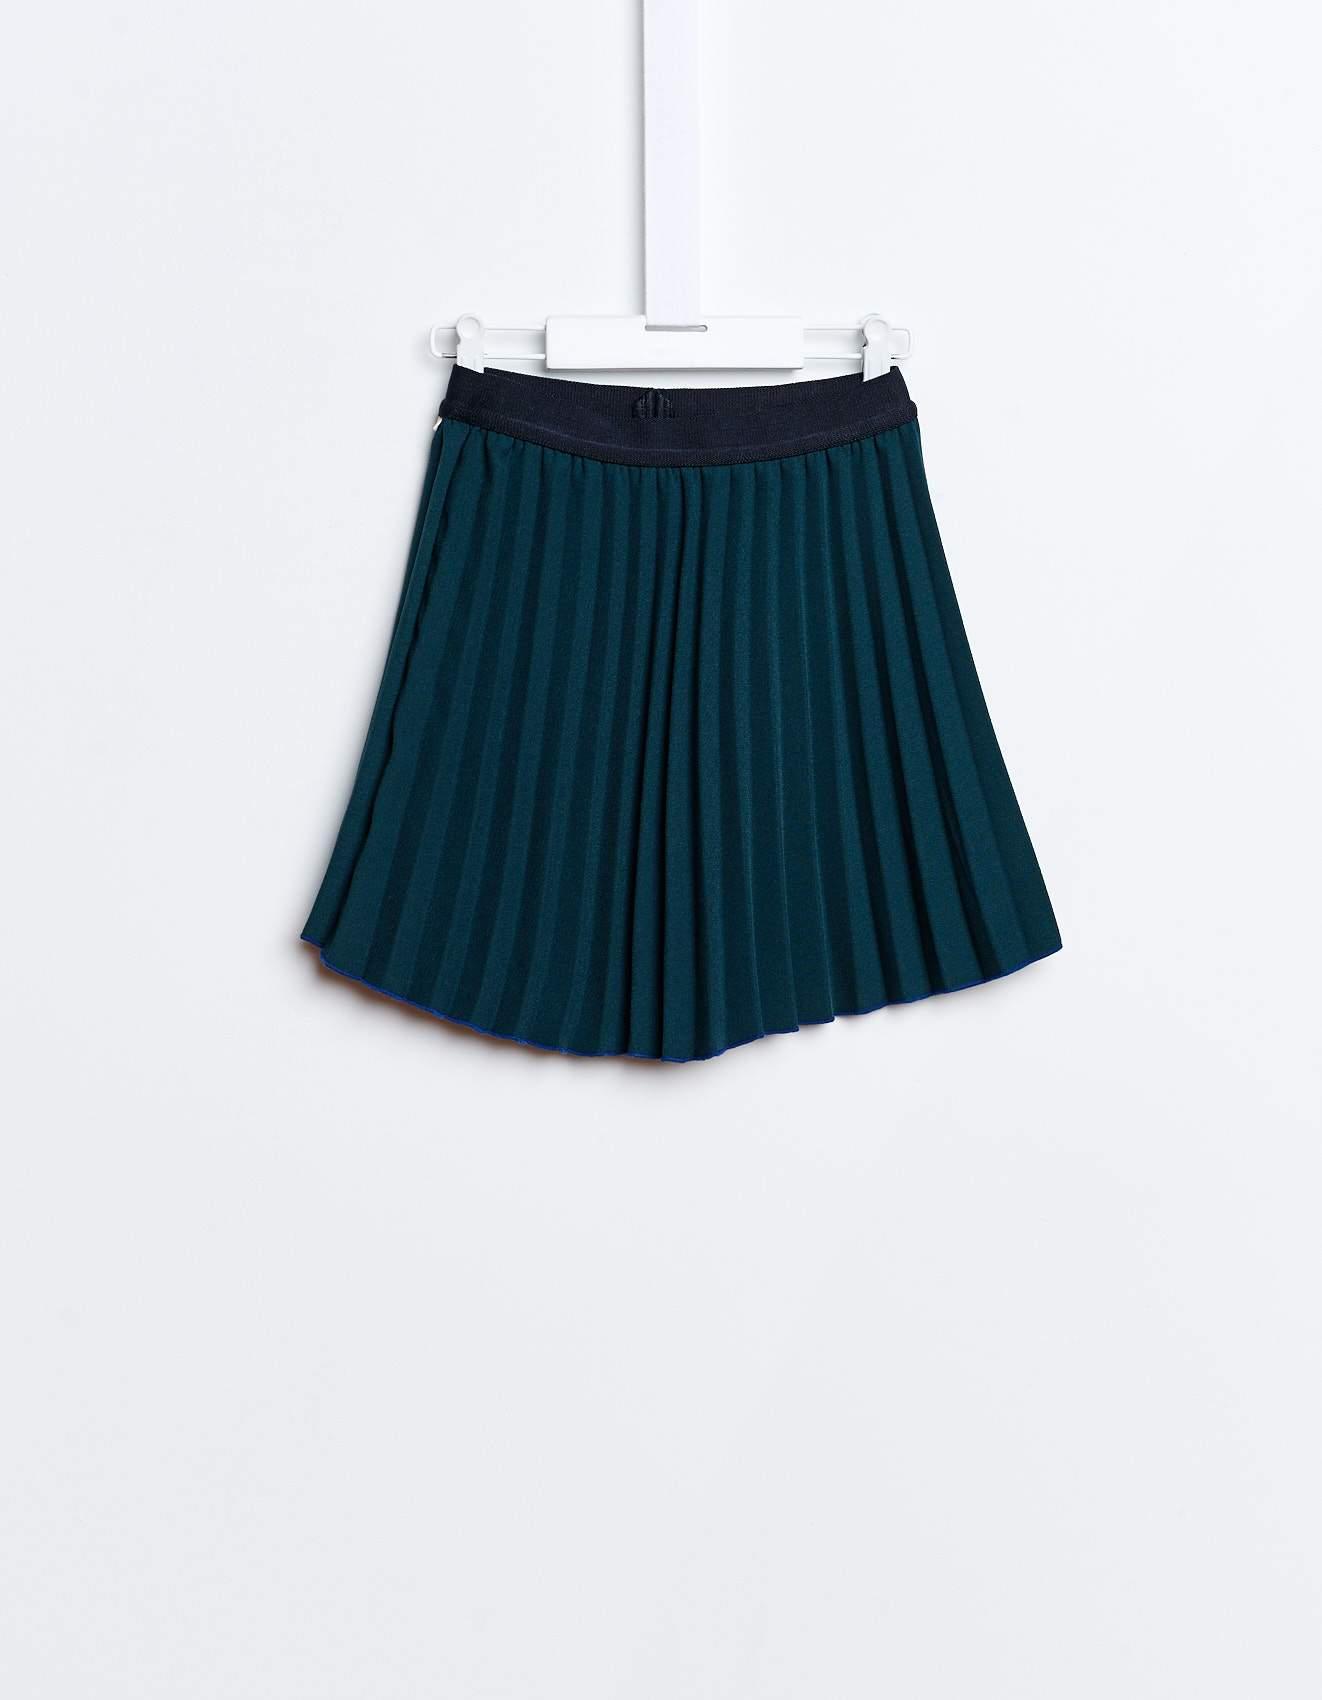 letitia-skirt-bellerose.jpg